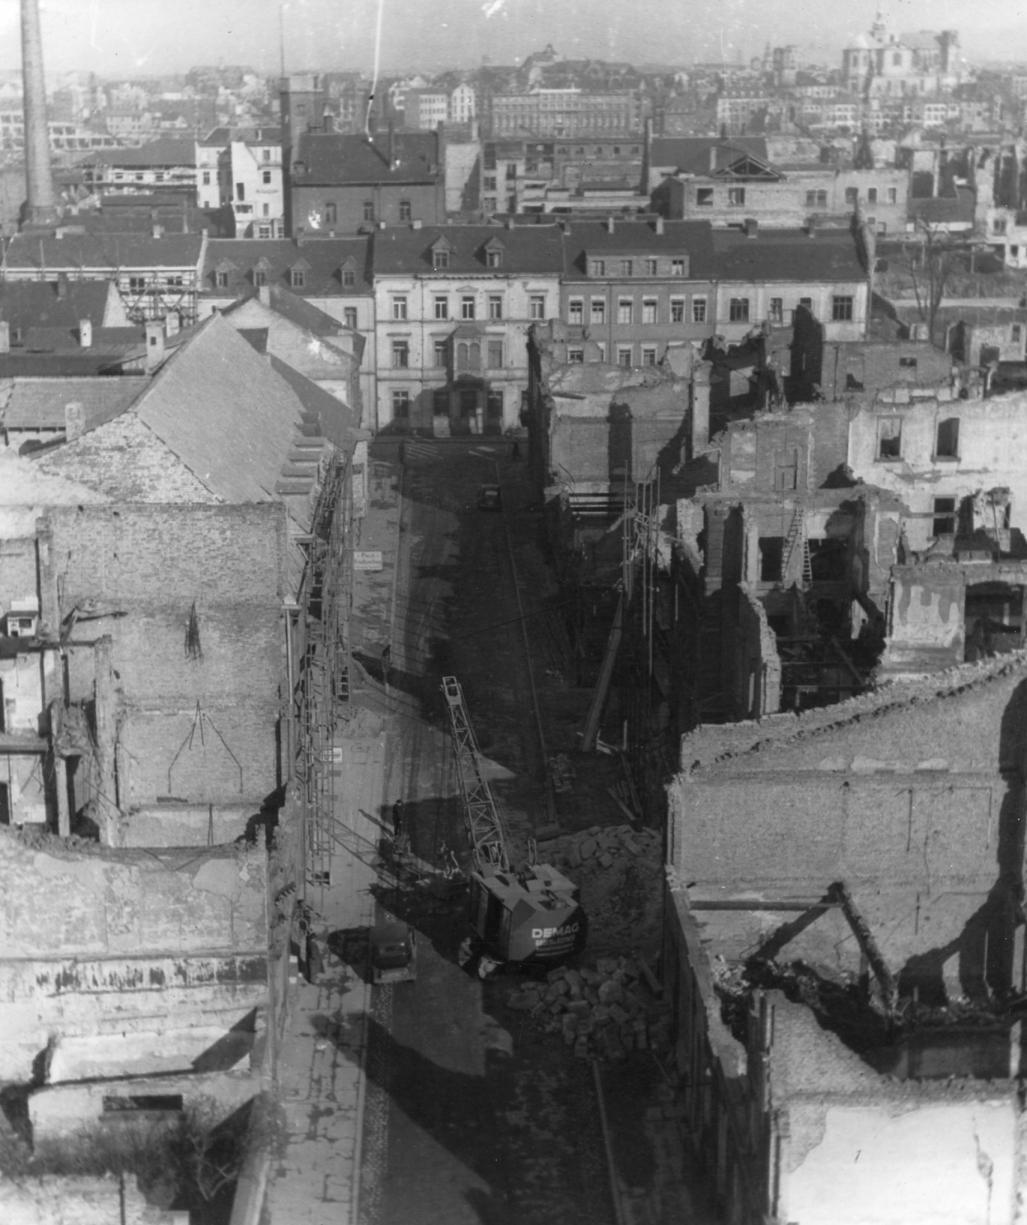 Trümmerwüste Amtsstraße: Auf der rechten Seite entstand später das Pressehaus. FOTO: STADTARCHIV LUDWIGSHAFEN